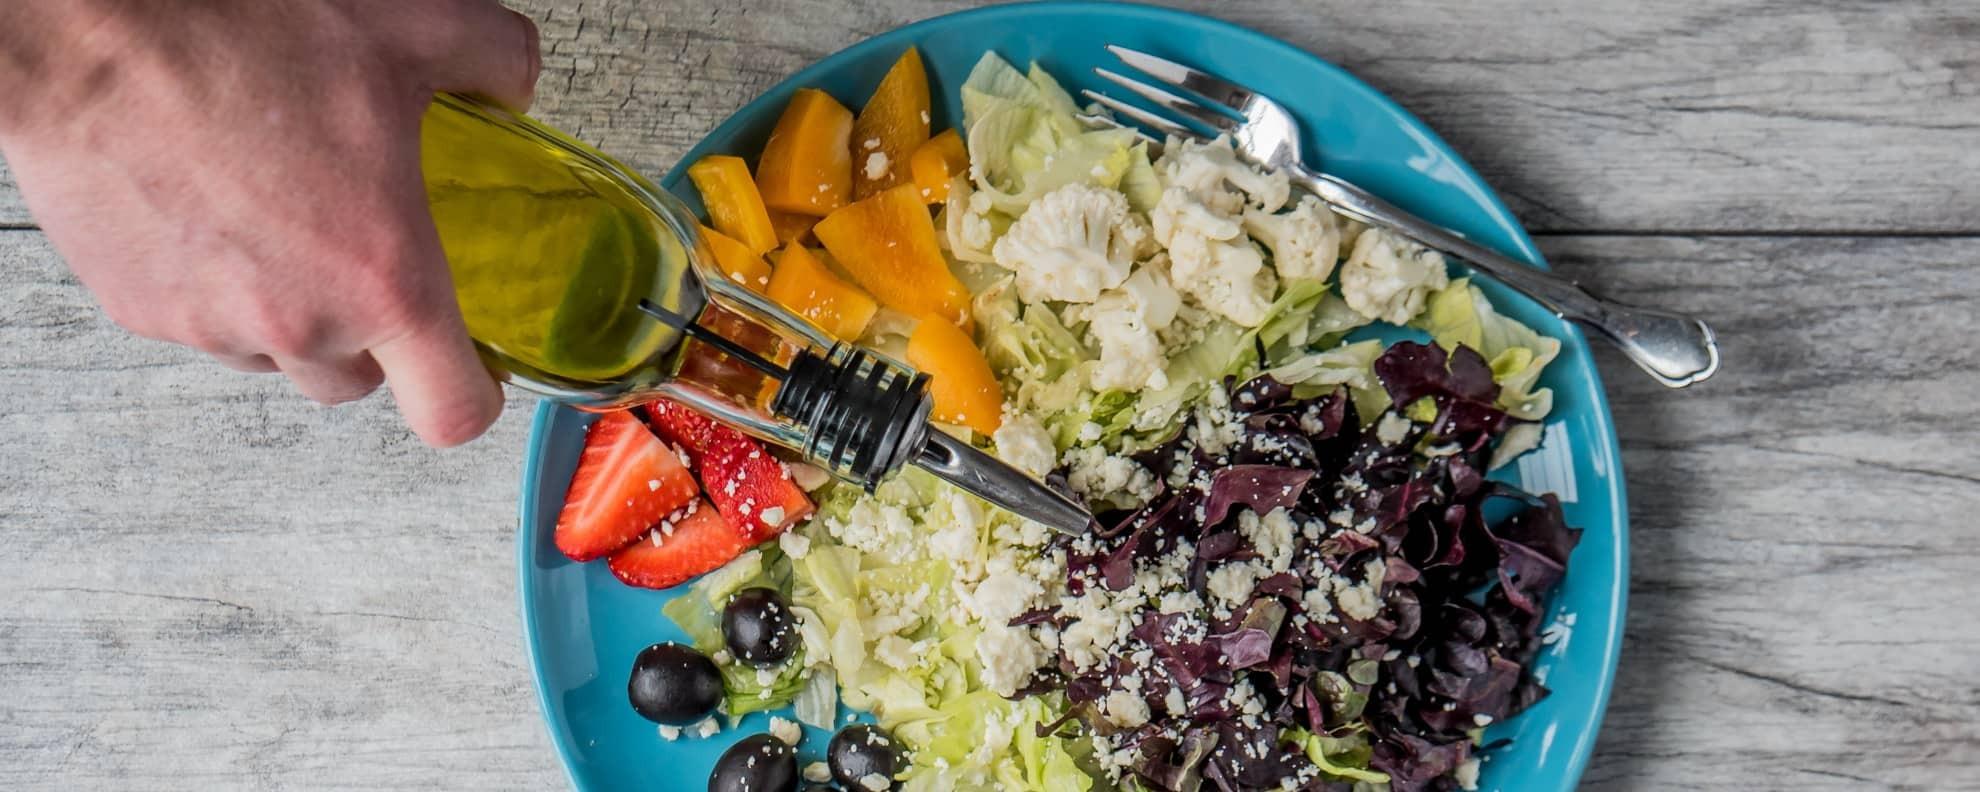 6 gesunde Fette, die dich fit machen